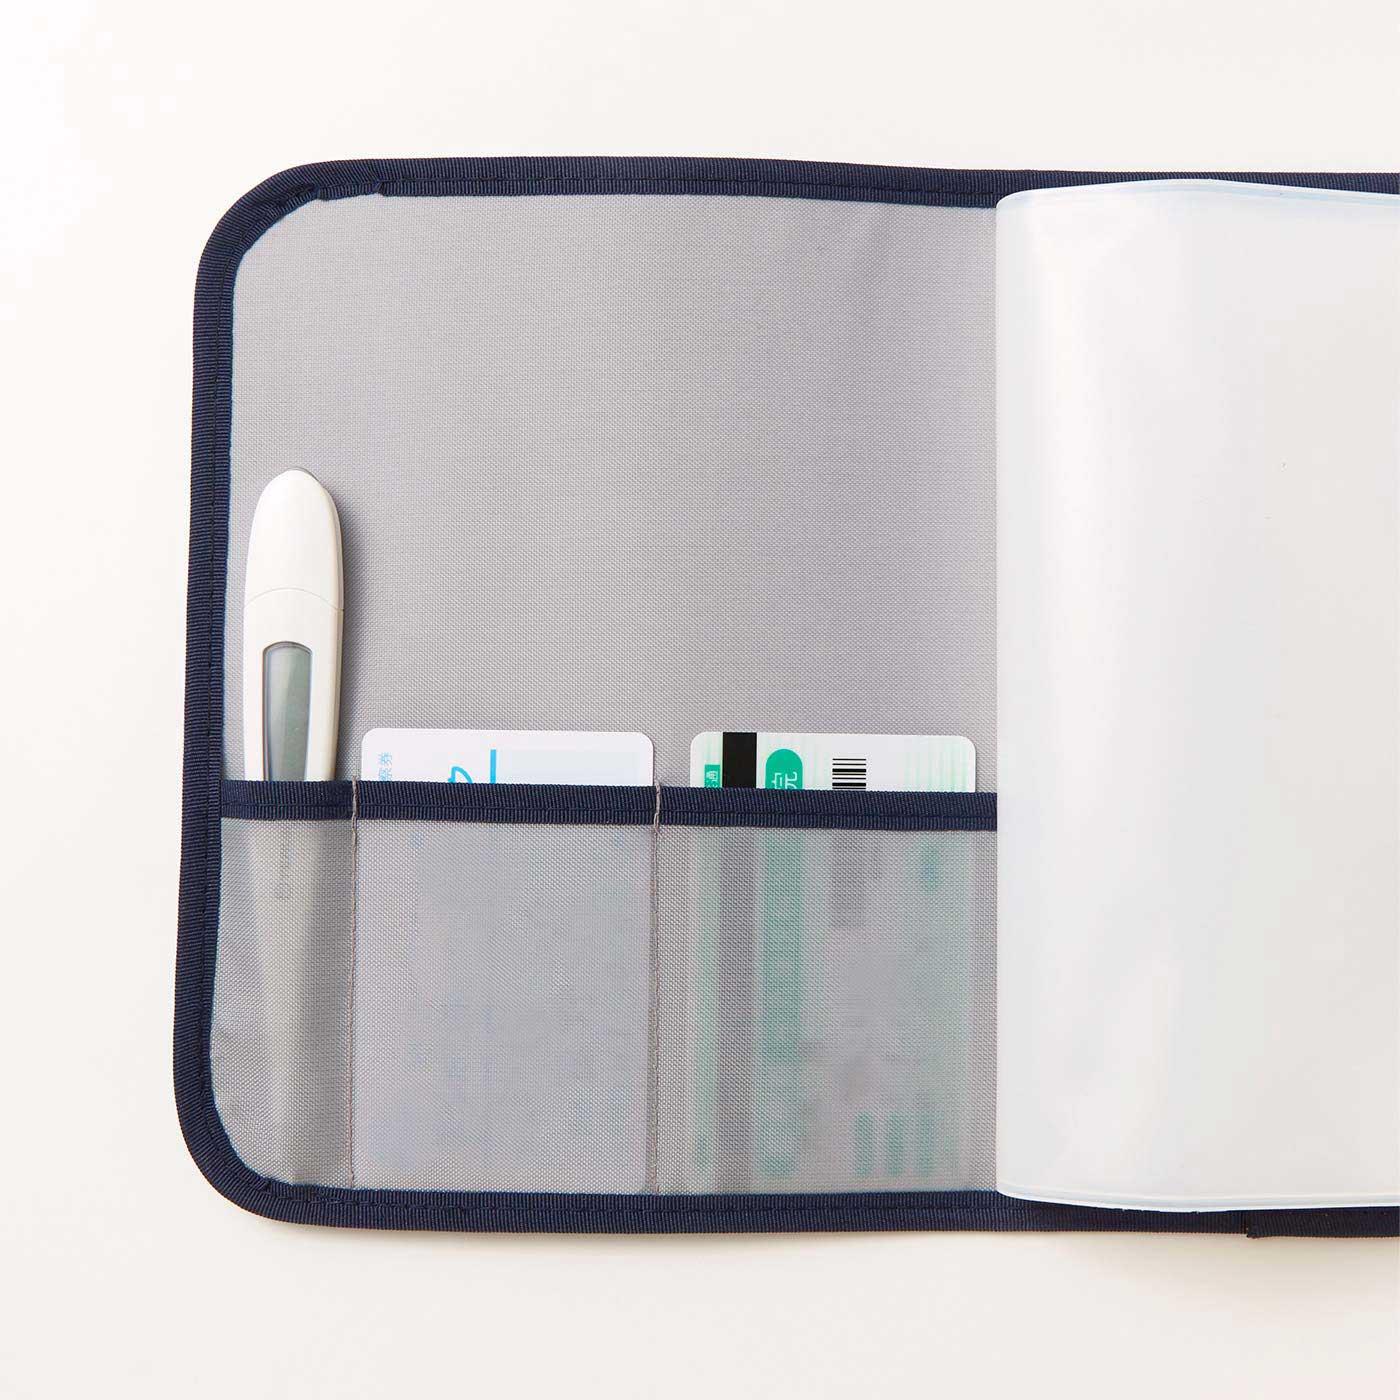 診察券や保険証入れに便利なカードポケットと、ペンや体温計を挿せるポケット付き。